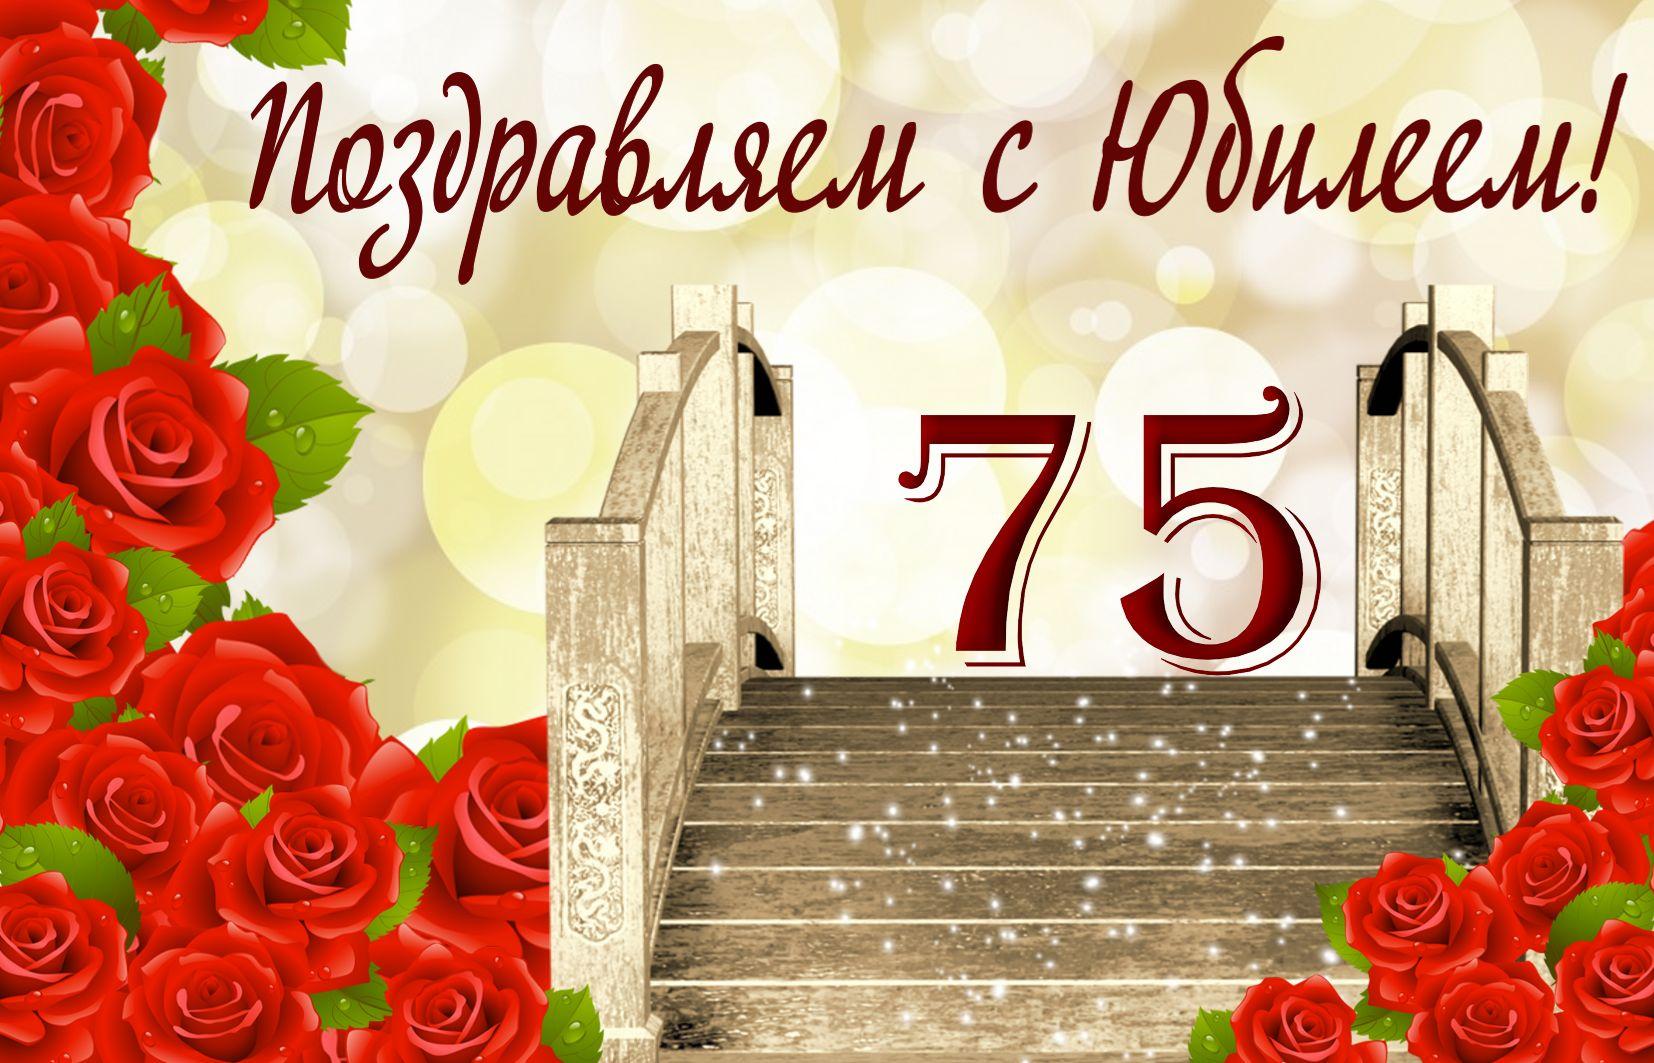 Открытка на юбилей 75 лет - мостик с блестками в окружении роз